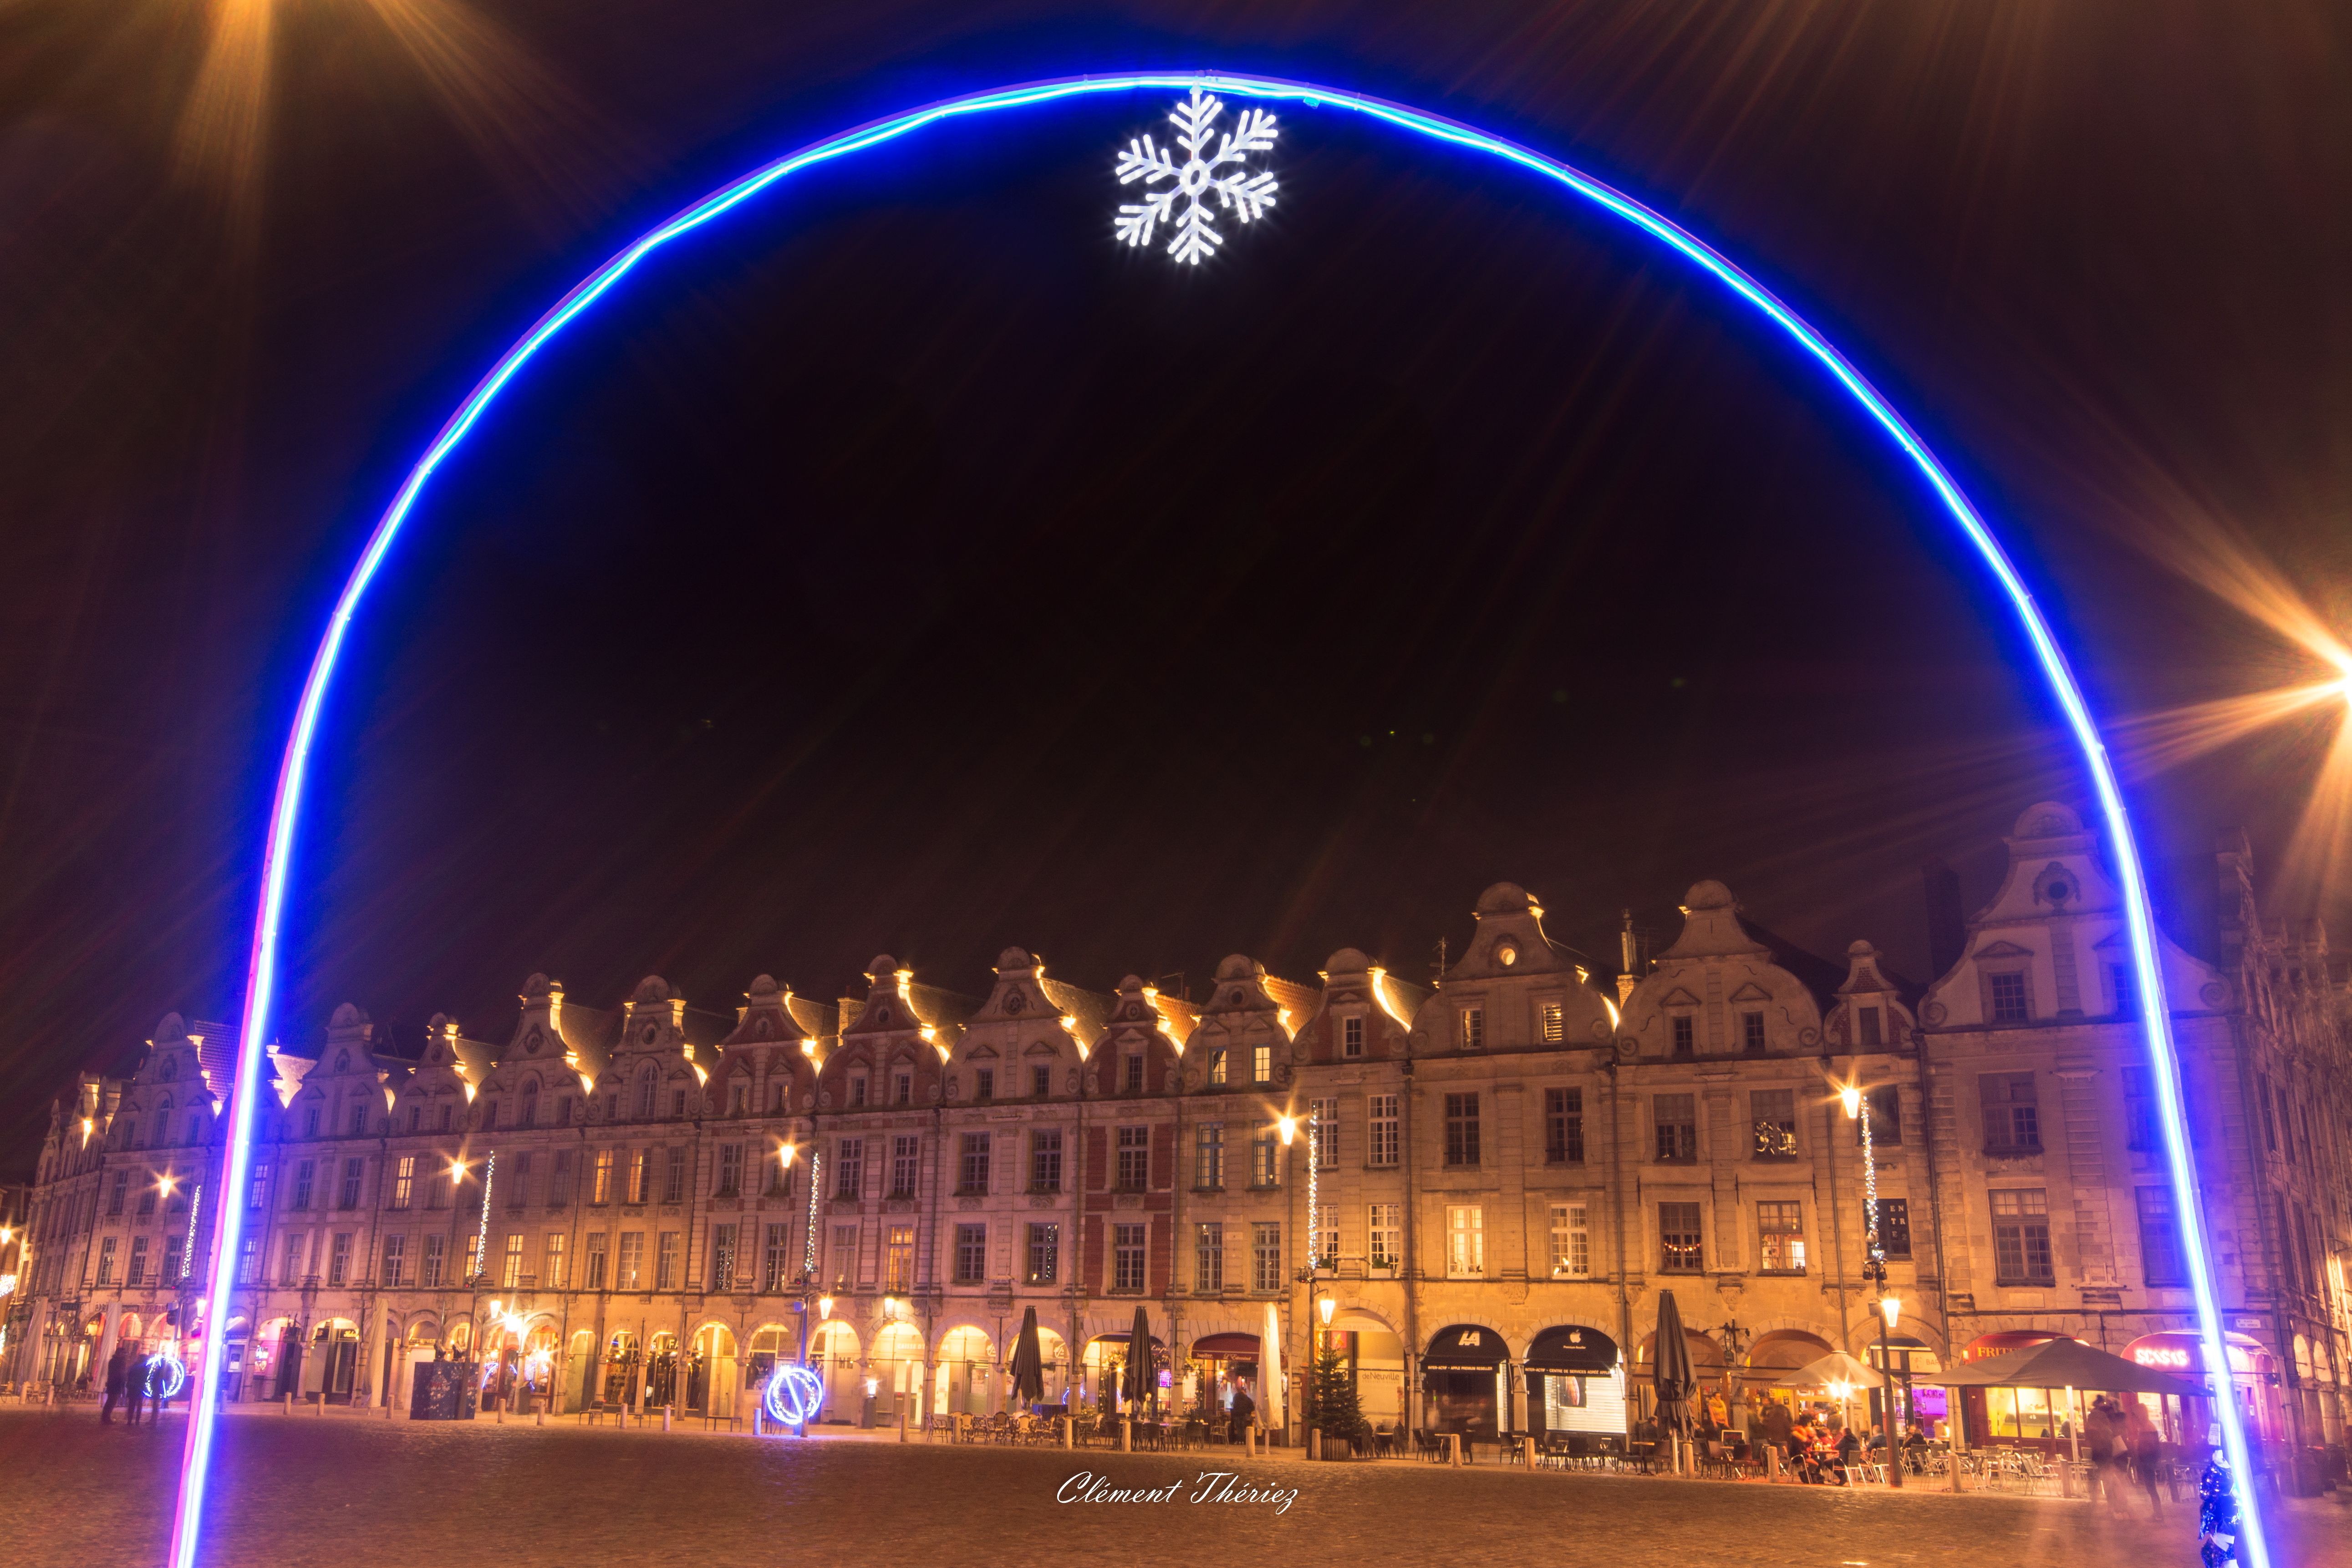 L'Ambiance d'Arras à Noël